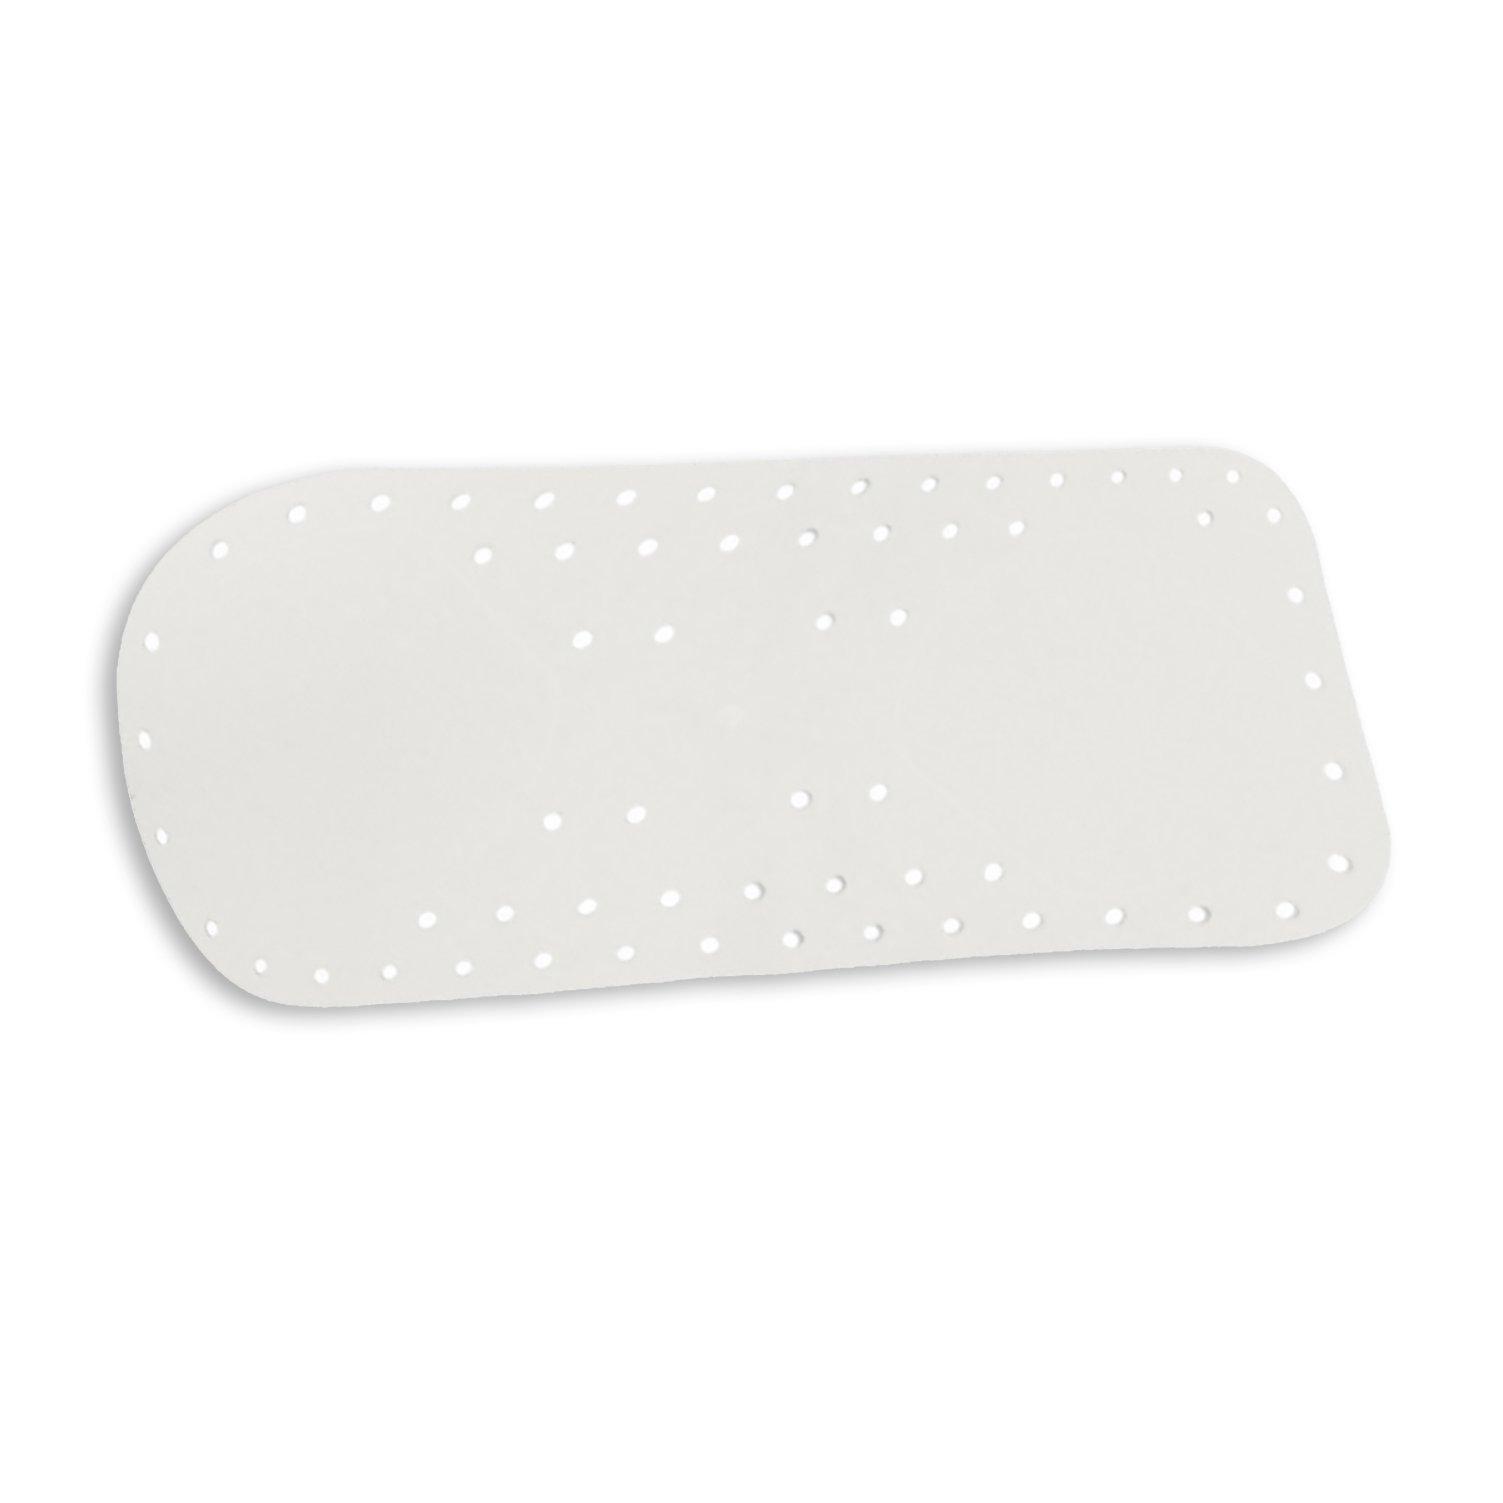 antirutschmatte wei 70x35 cm anti rutsch bad accessoires badezimmer wohnbereiche. Black Bedroom Furniture Sets. Home Design Ideas